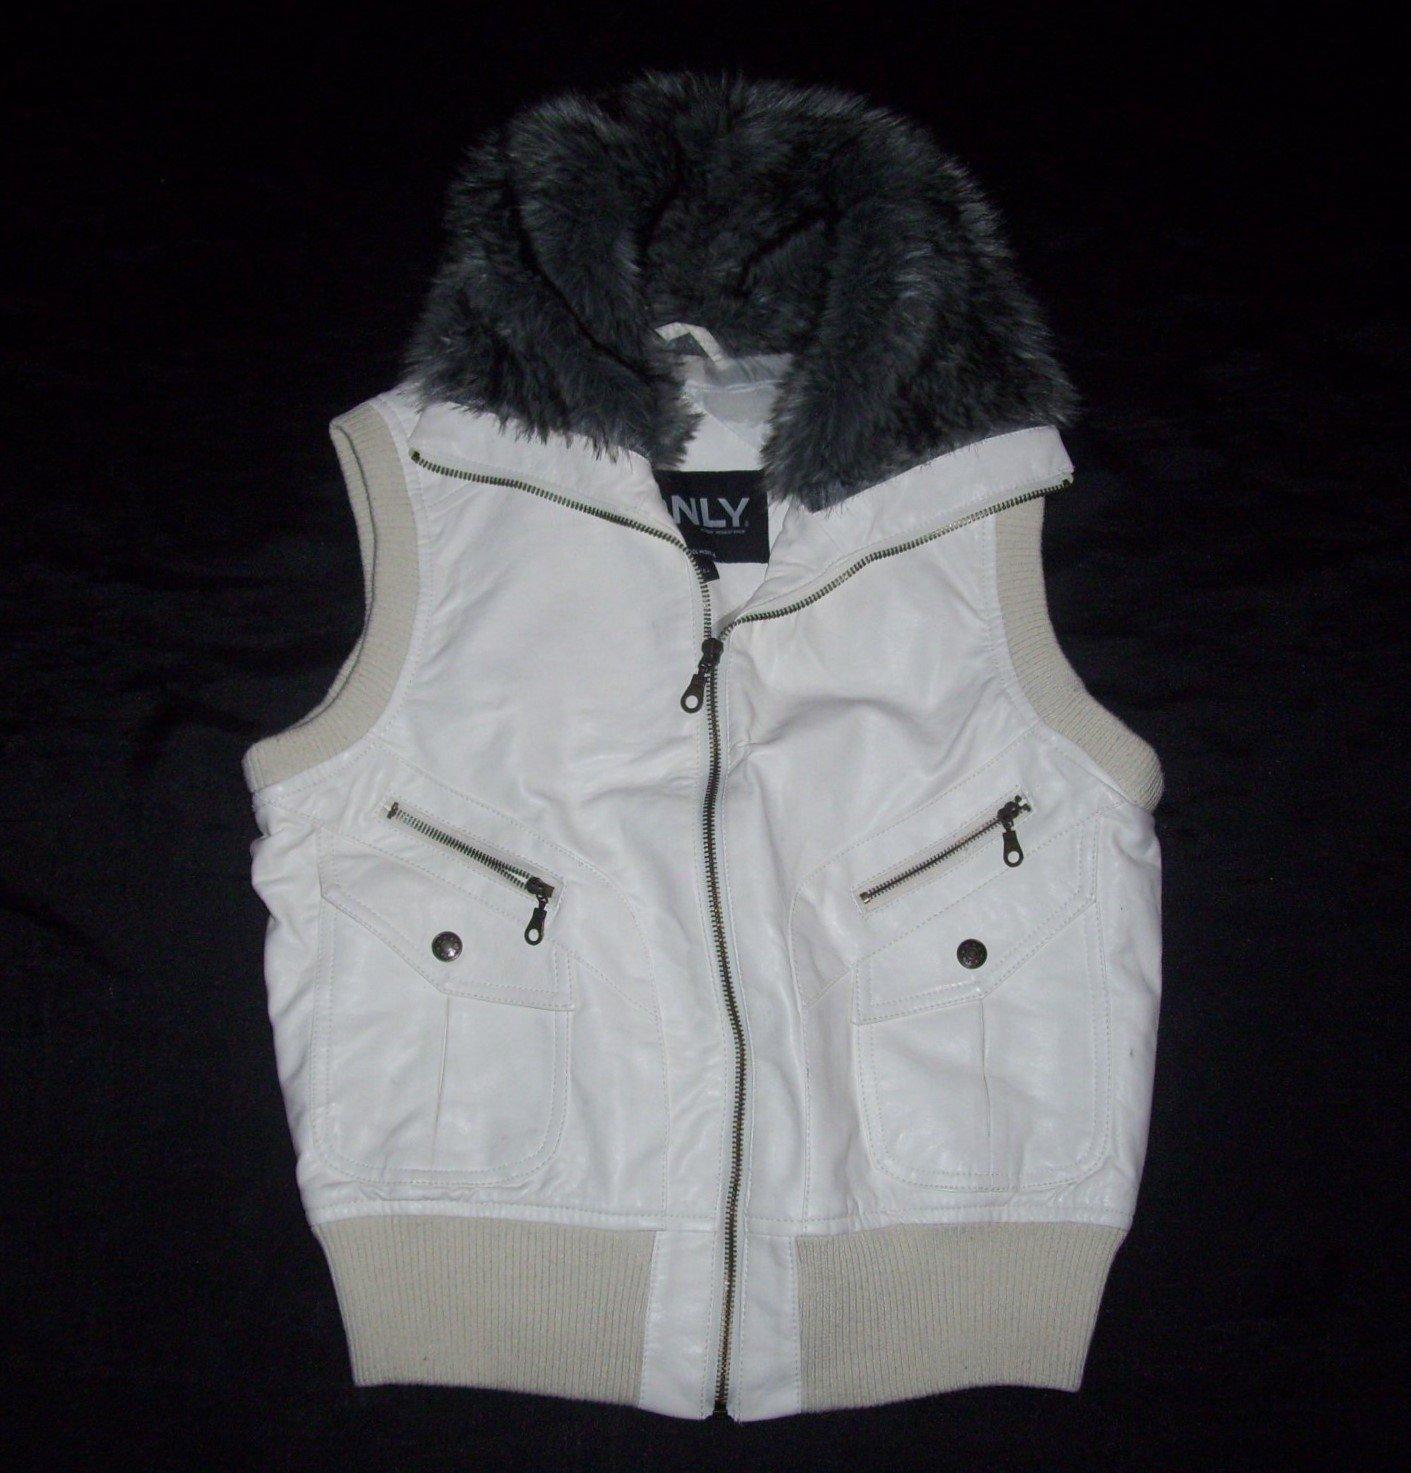 Girl's Cream Sleeveless Jacket- Size Large